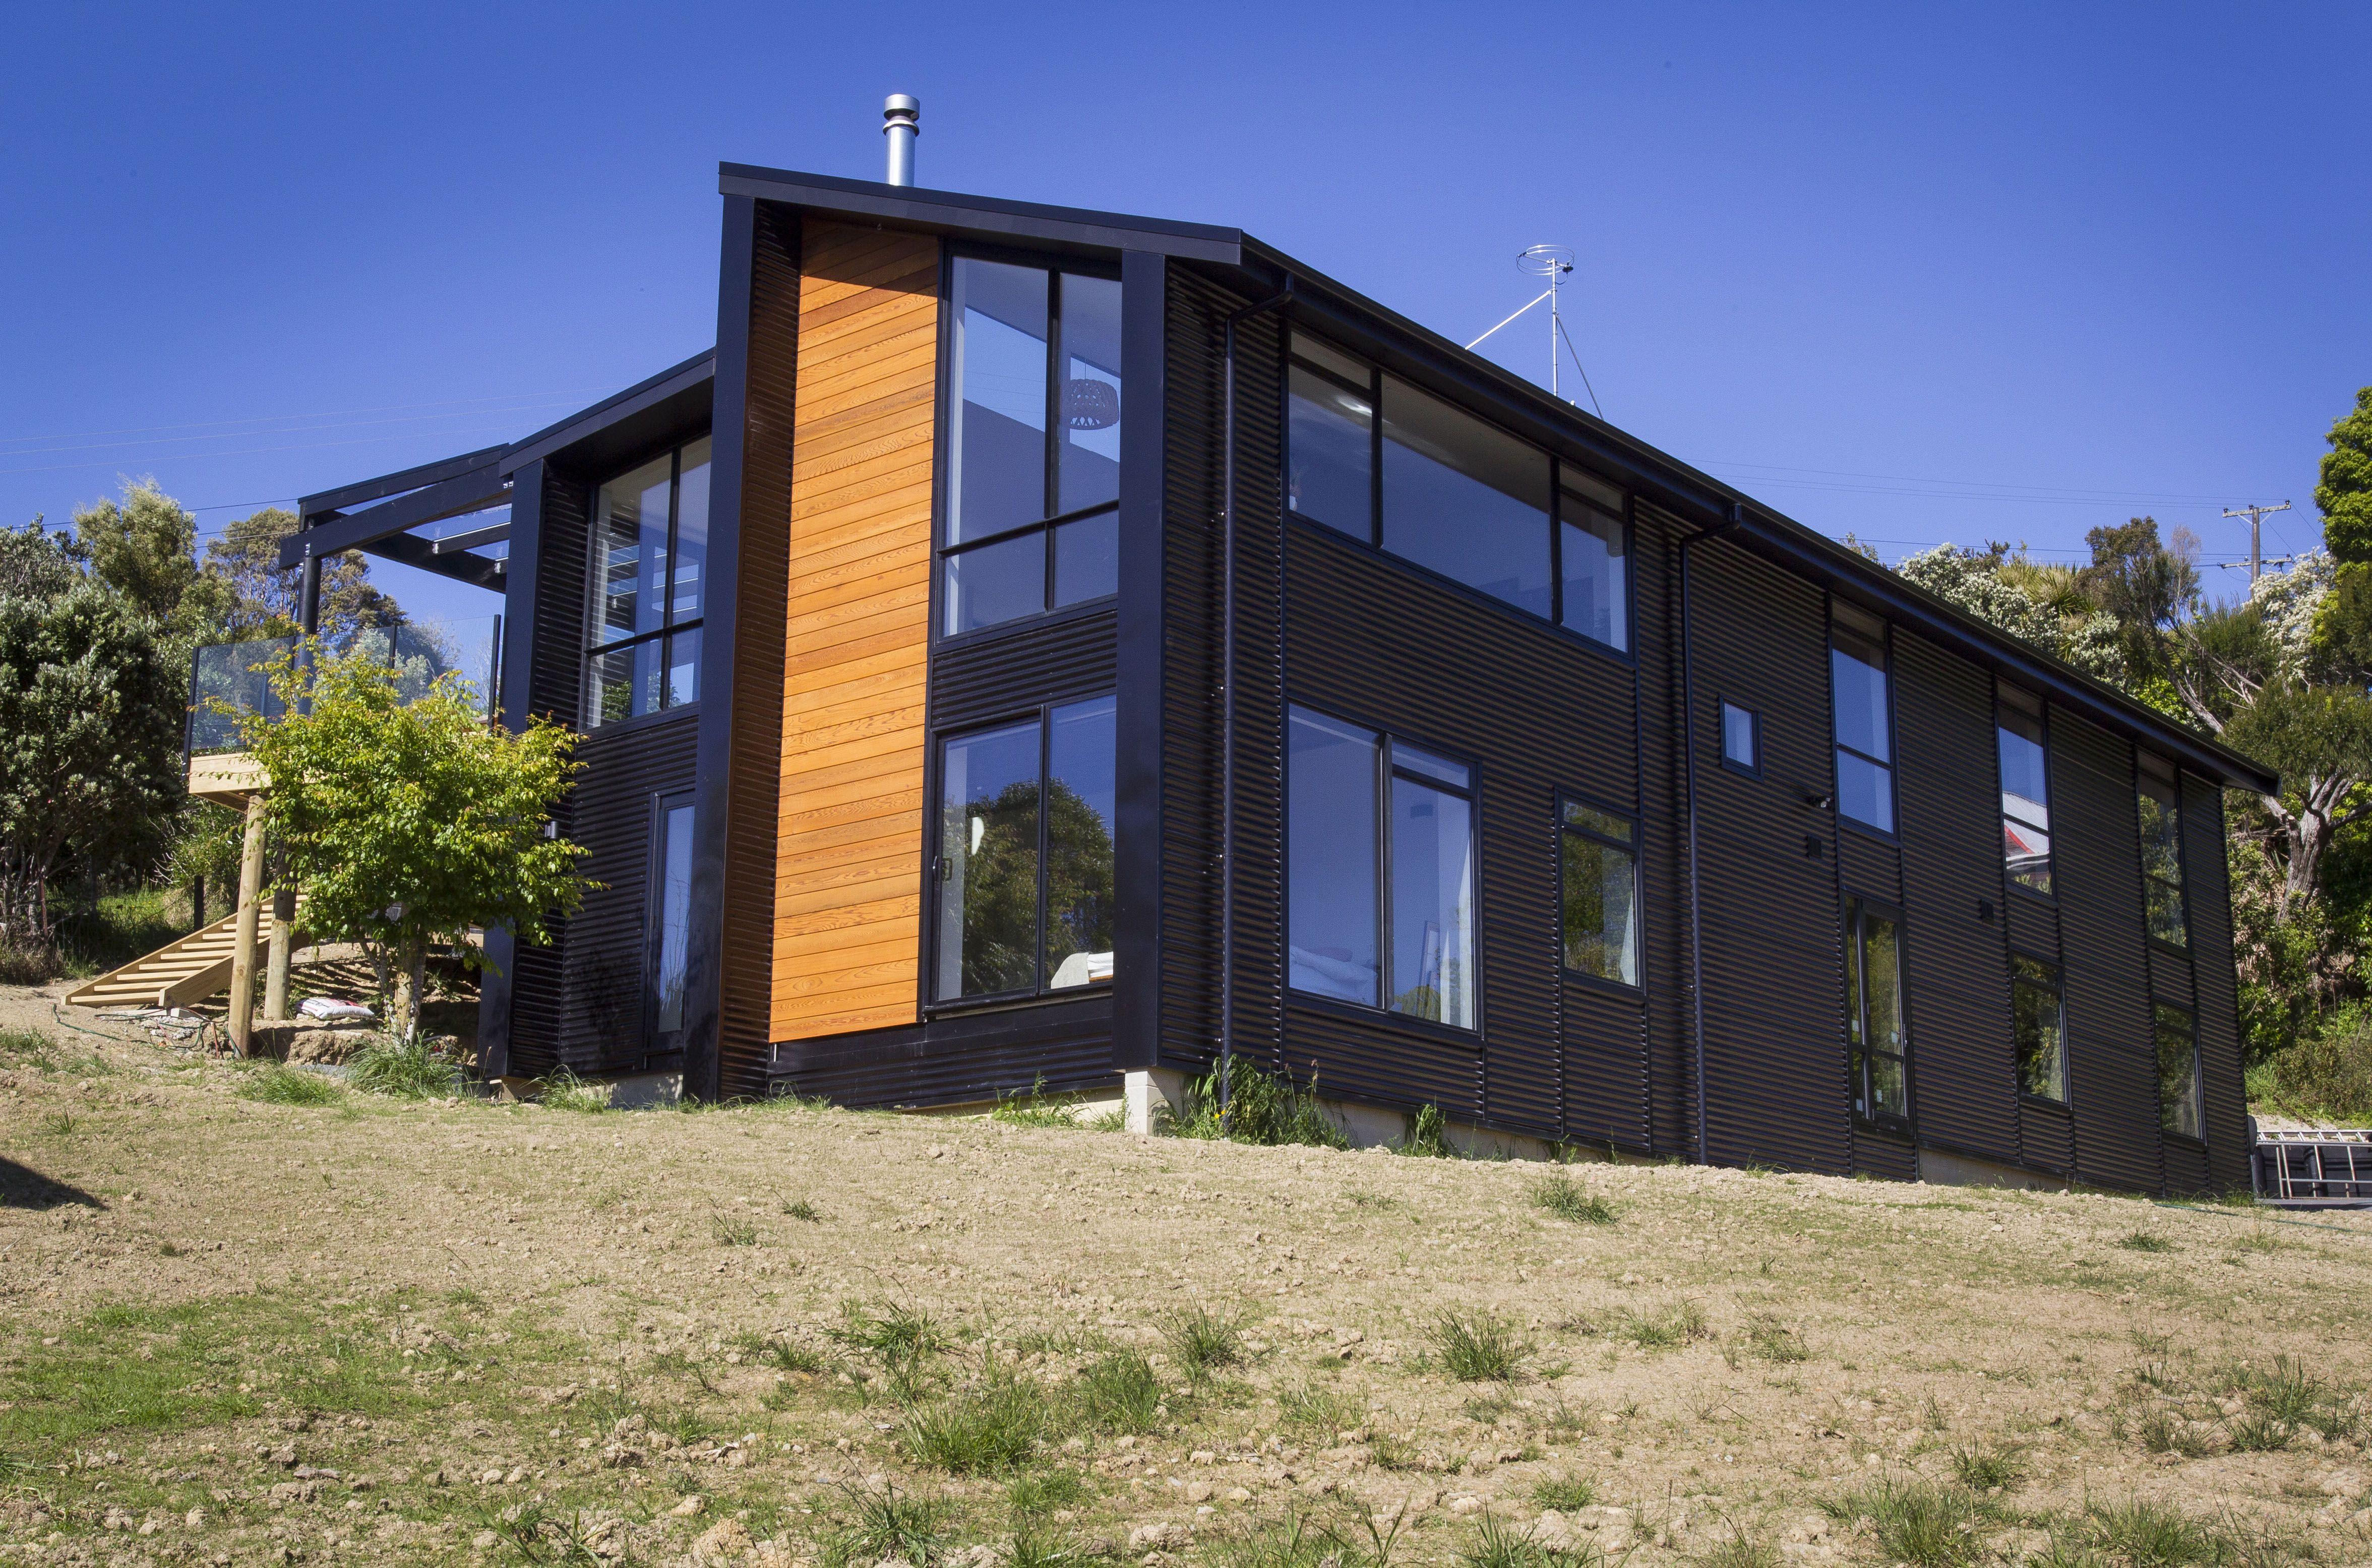 Roof Dimond Corrugate Veedek Black Mynewroof Cladding Building Steel Roofing